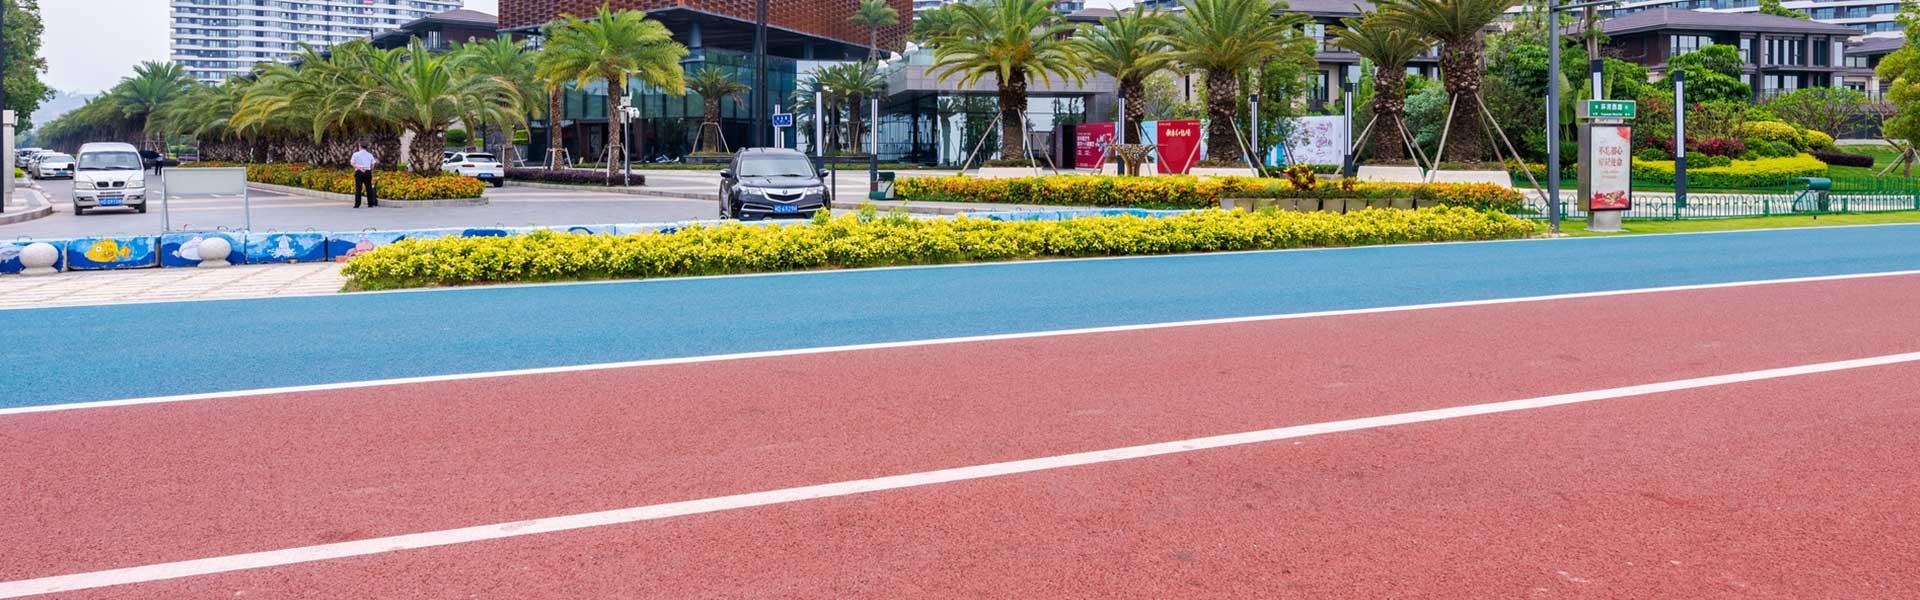 简述陕西学校操场塑胶跑道有哪些特点